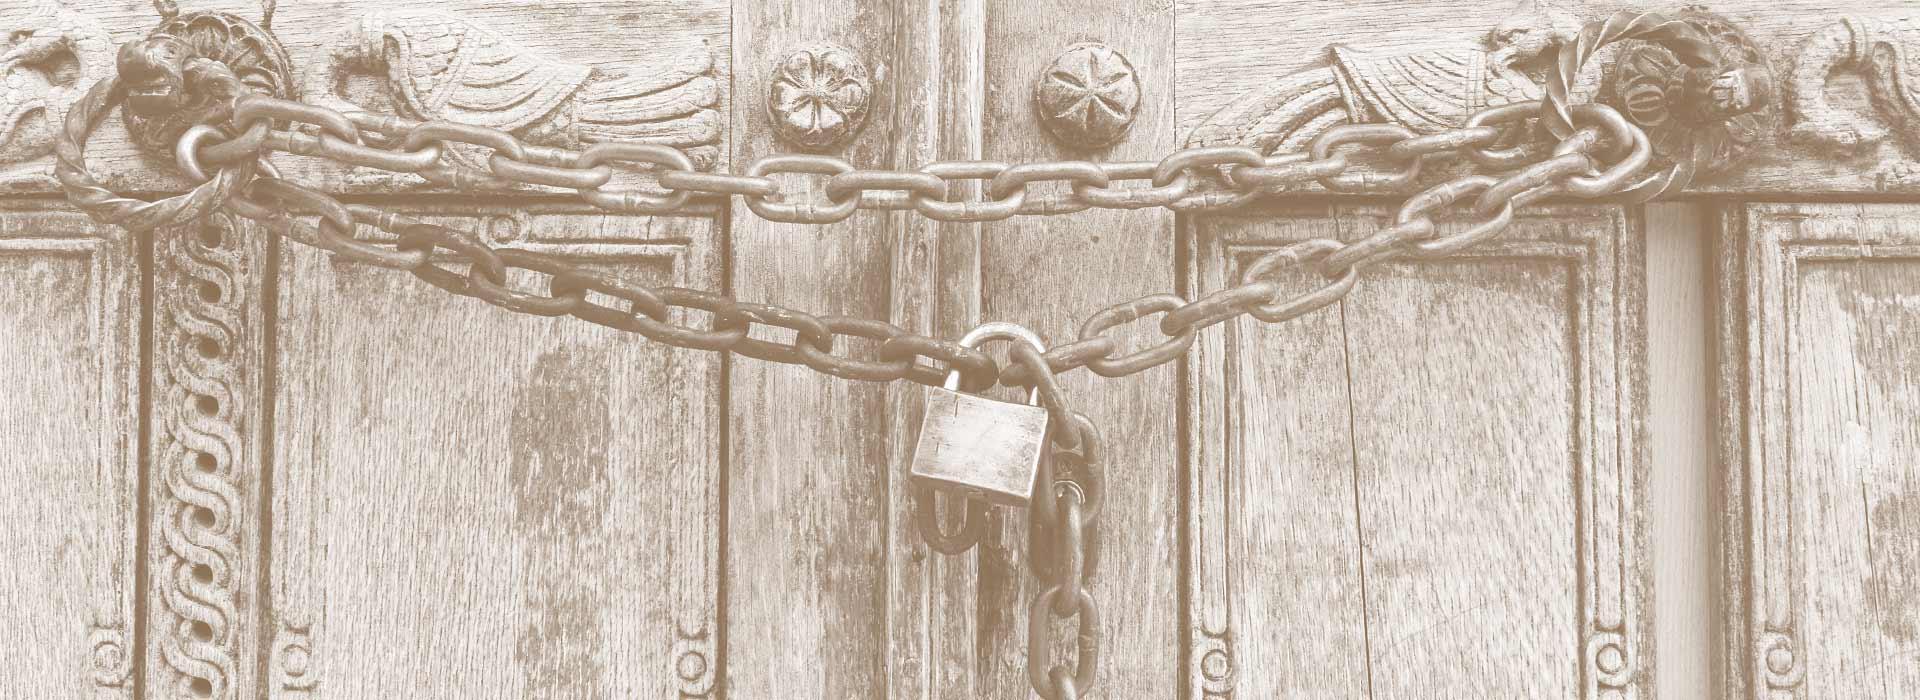 Portone di legno bloccato - Labor Law Università di Padova